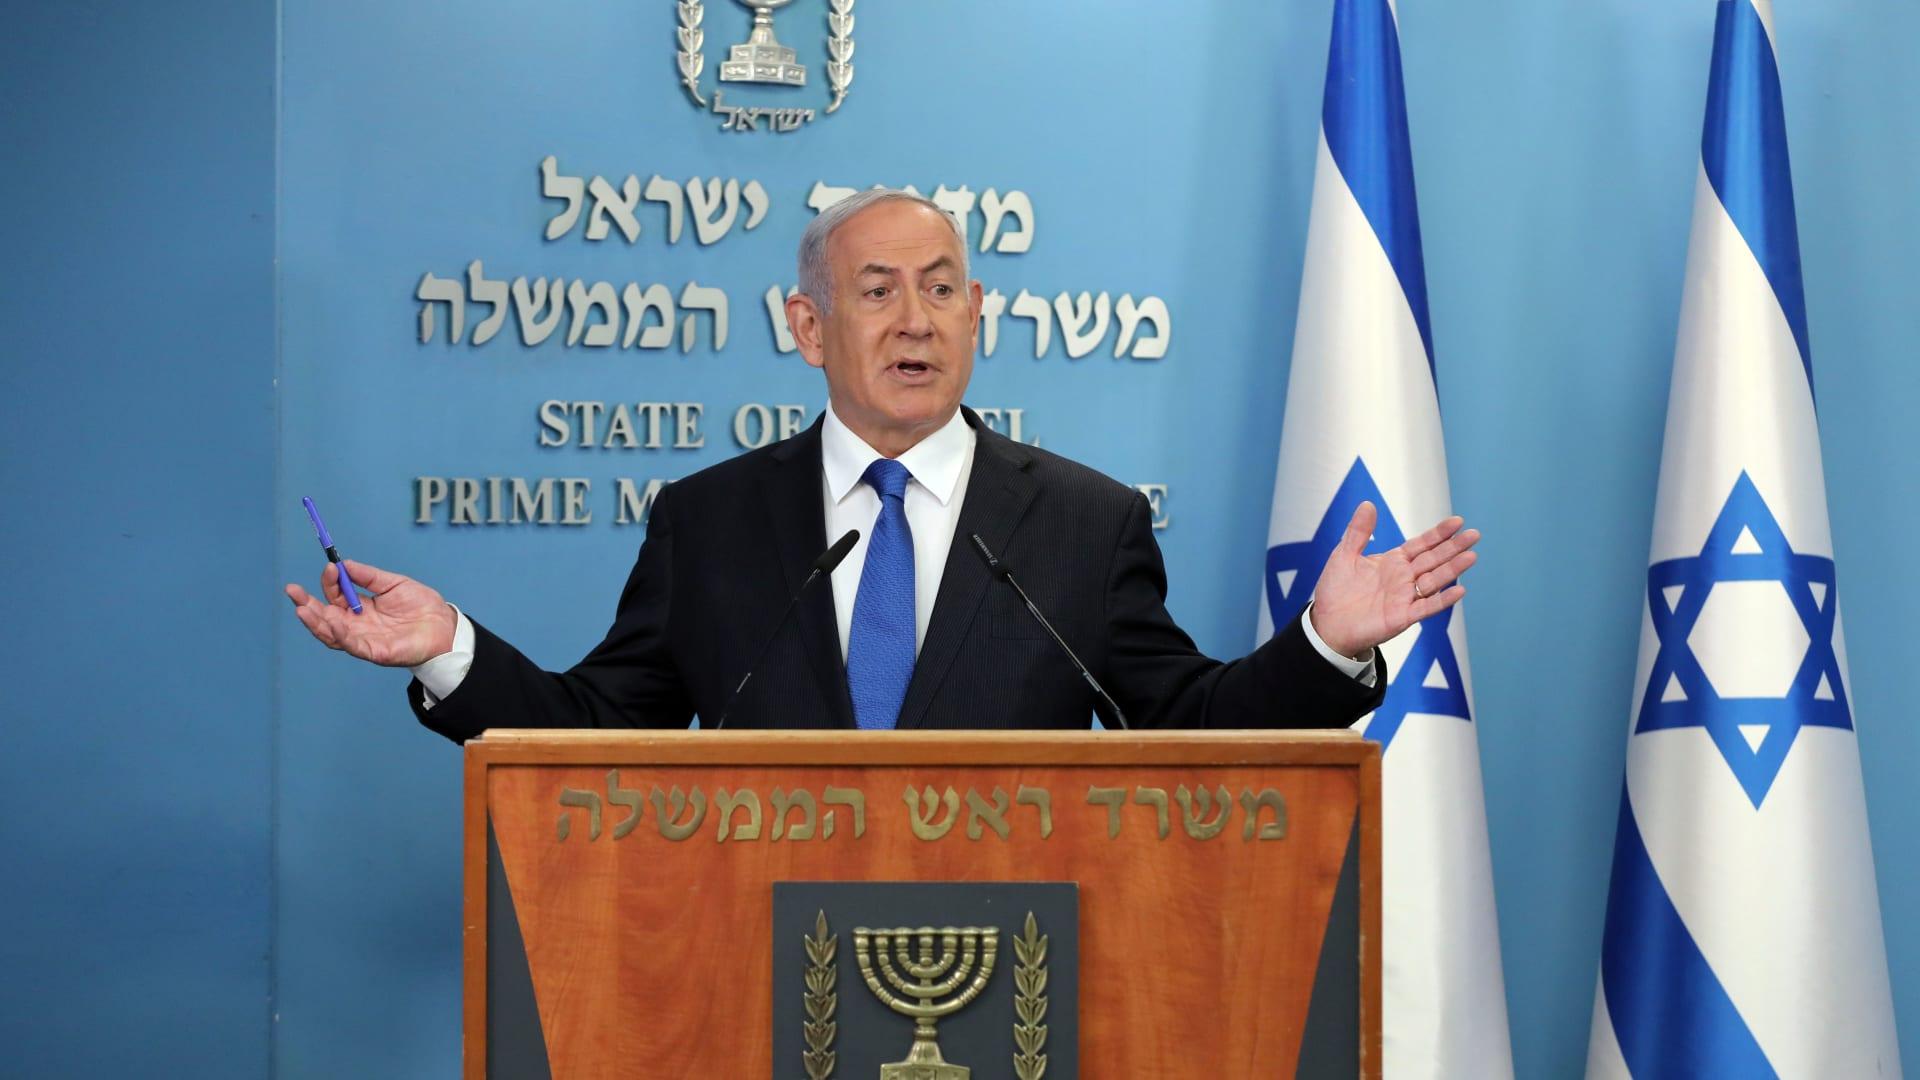 """أنور قرقاش لـCNN: الاتفاق مع إسرائيل """"نزع فتيل قنبلة موقوتة"""""""